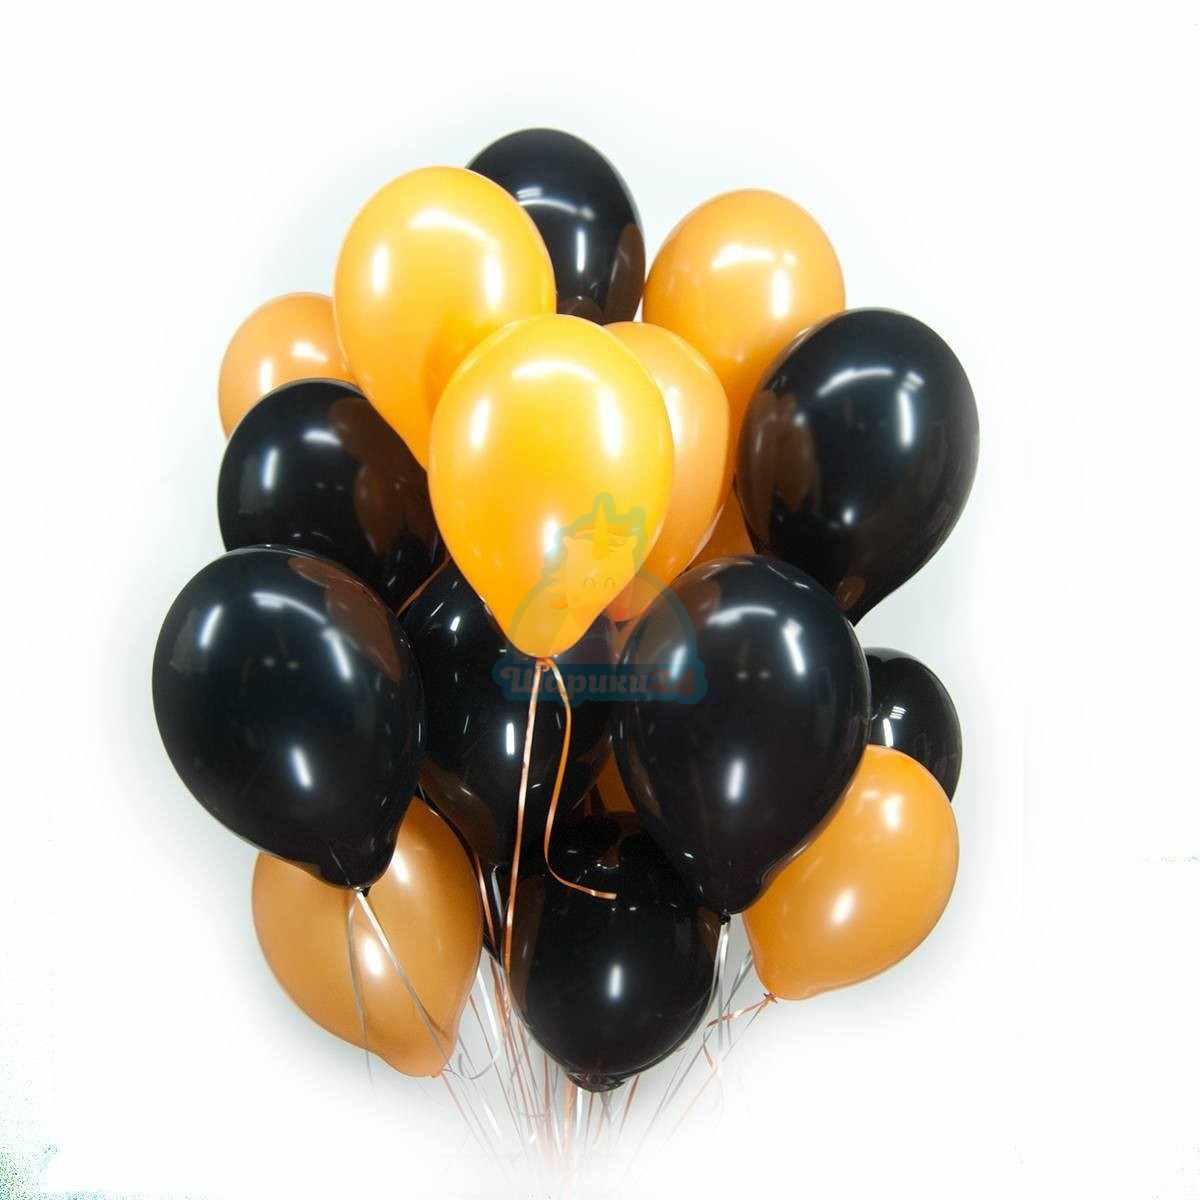 Черные и оранжевые шарики фото в интернет-магазине Шарики 24